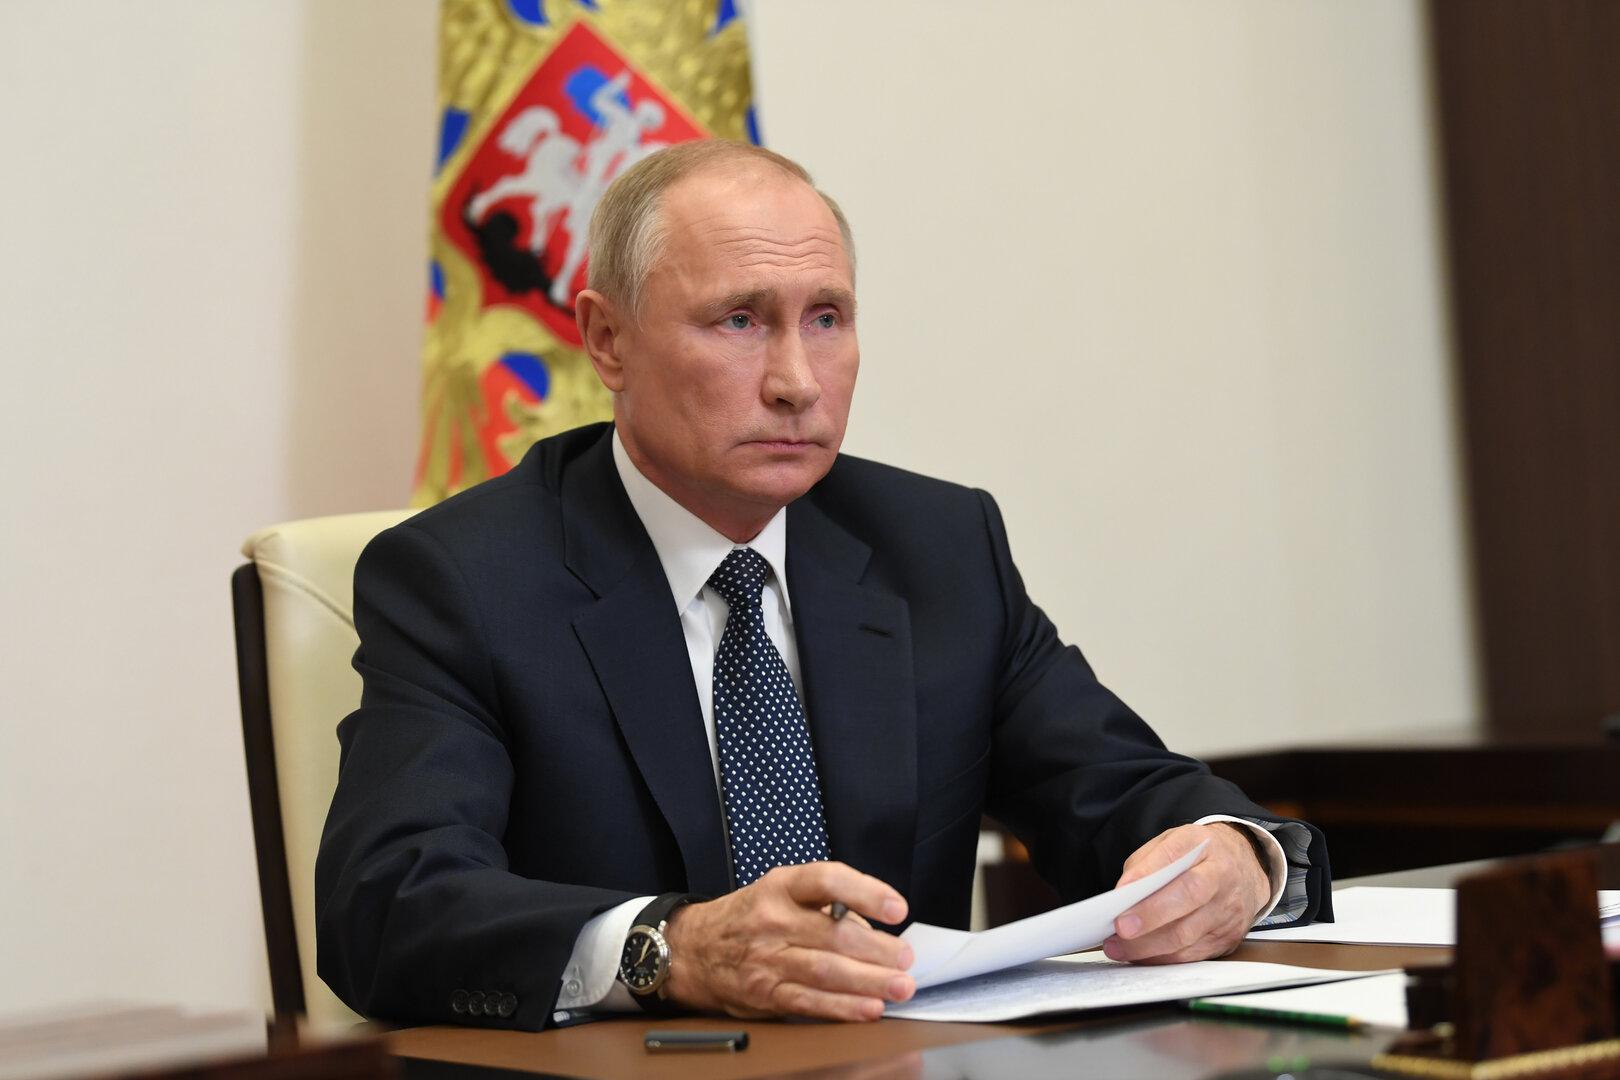 بوتين: الاتحاد الاقتصادي الأوراسي بدأ في تشكيل أسواق مشتركة للنفط والغاز